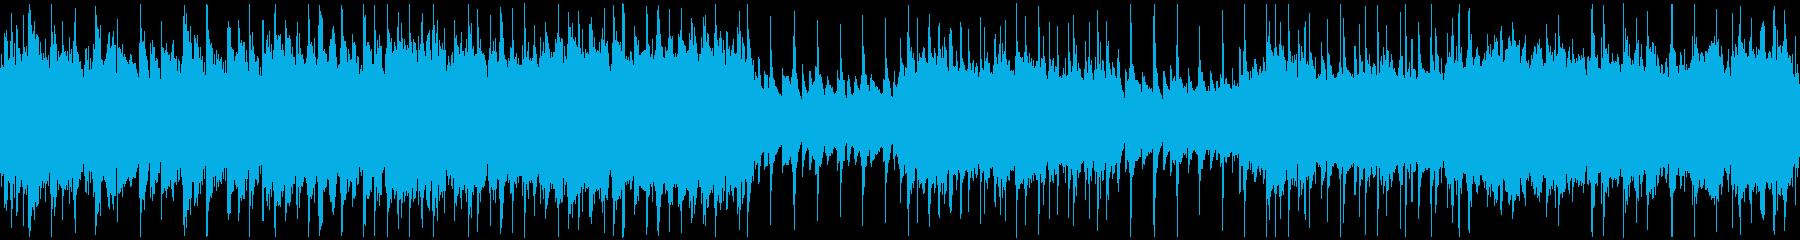 ループ用・疾走感のあるアナログ和風ロックの再生済みの波形